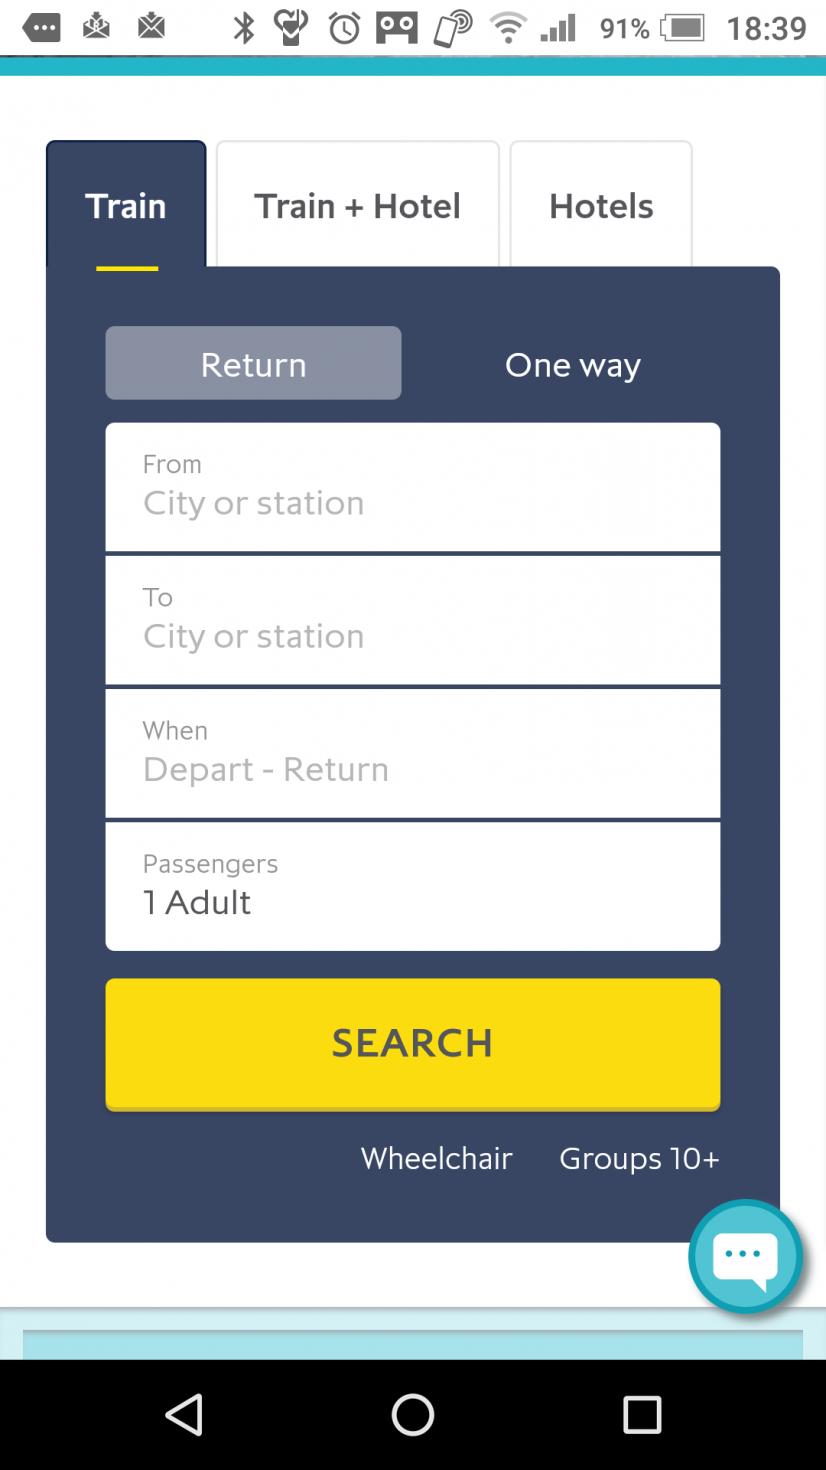 往復(return)か片道(one way)かを聞かれます。 片道なのでone wayを選択して 駅名を選択。 London St. Puncrasは選択肢にありますが Disneyland Parisは選択肢に無いので、入力してください。